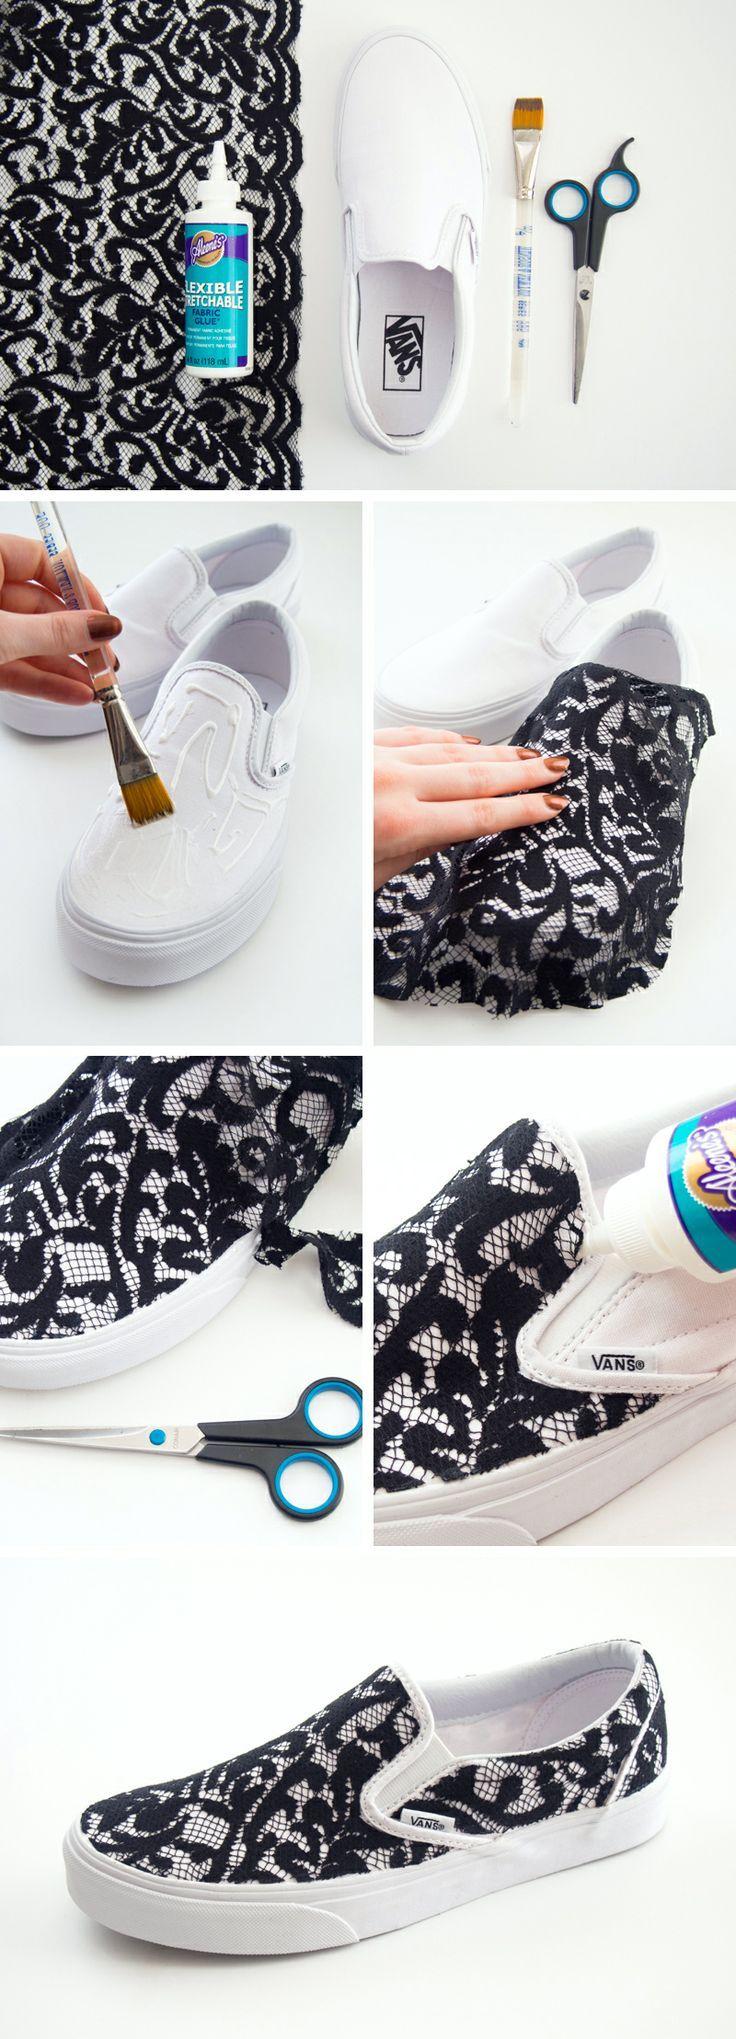 DIY Lace Slip-on Vans Sneakers.